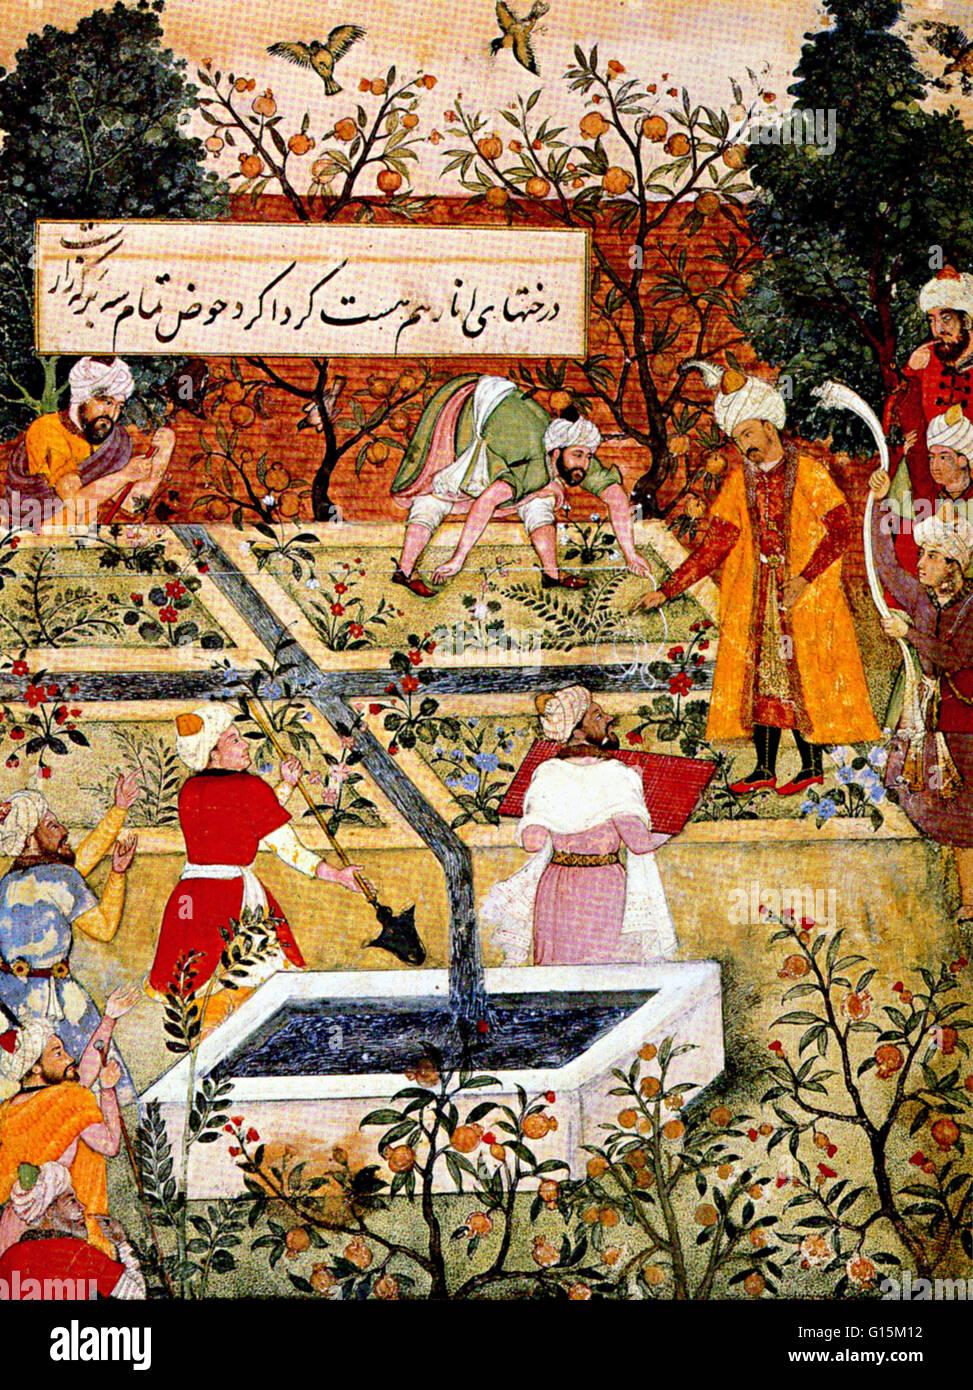 Babur garden garden ftempo for Western state bank garden city ks